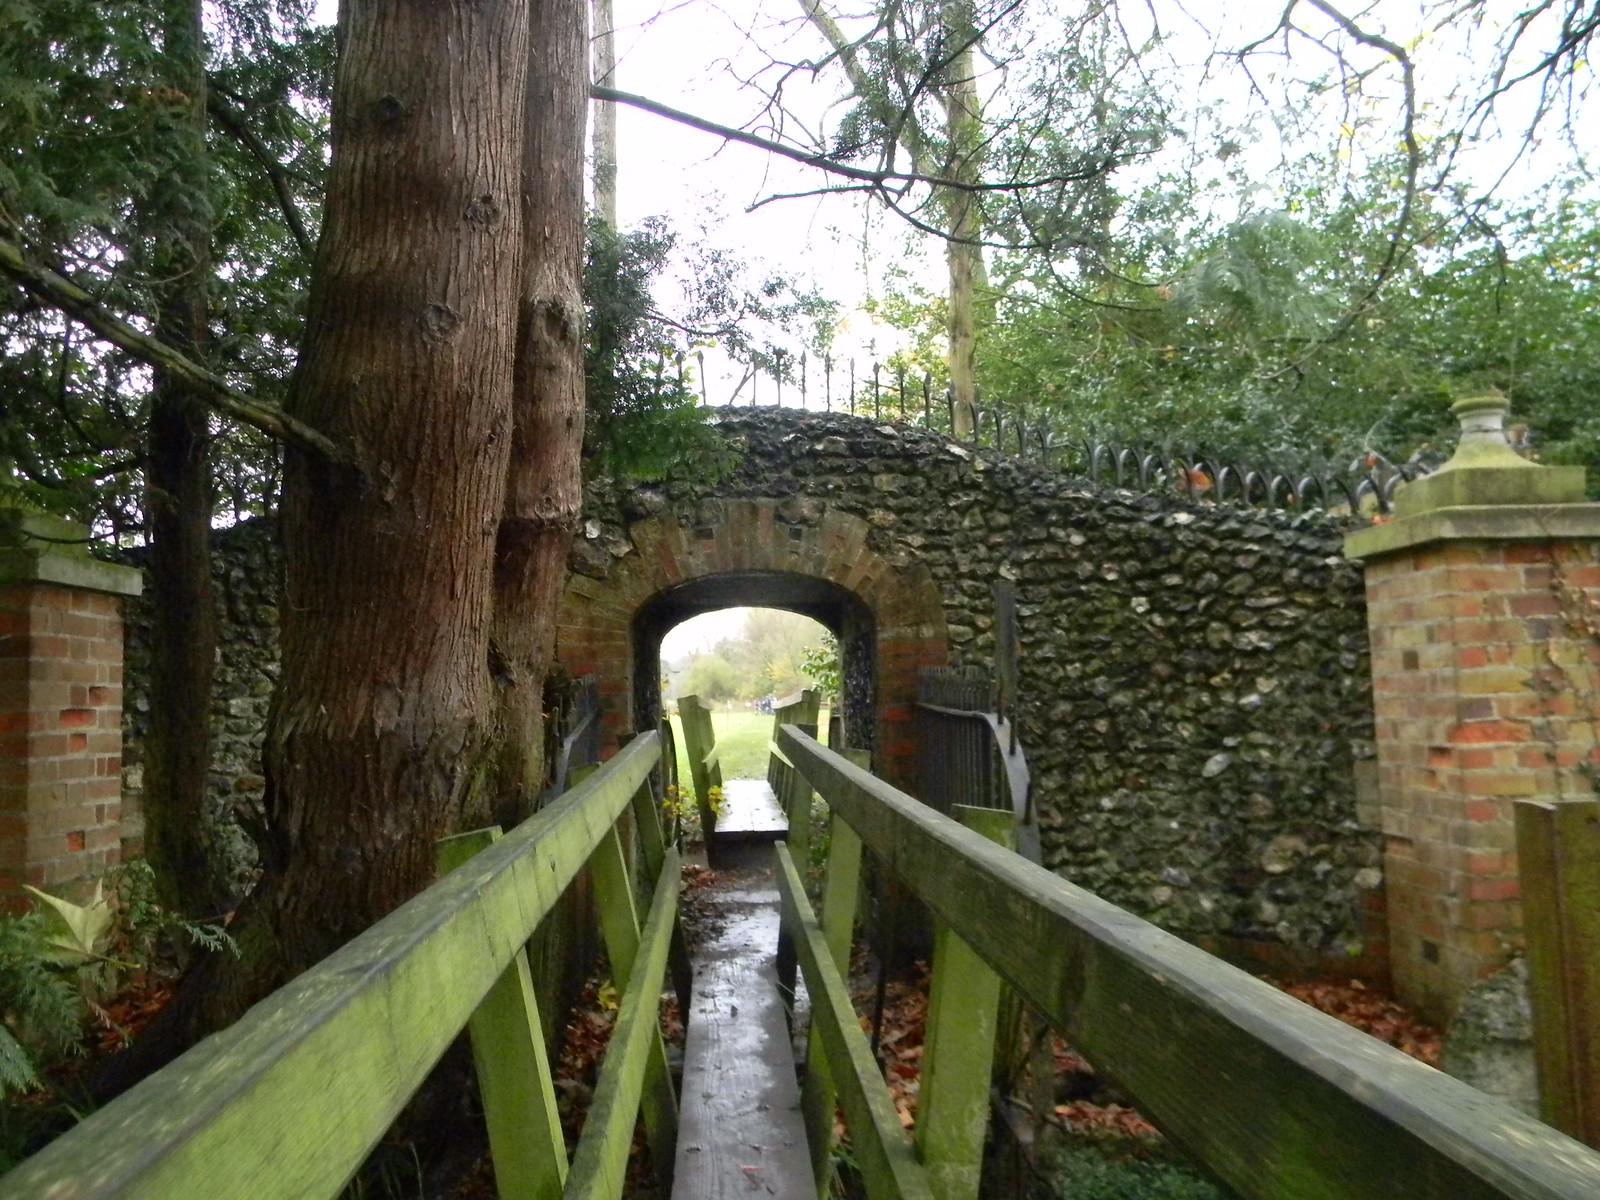 Crossing streams Henley Circlular via Hambleden (short)